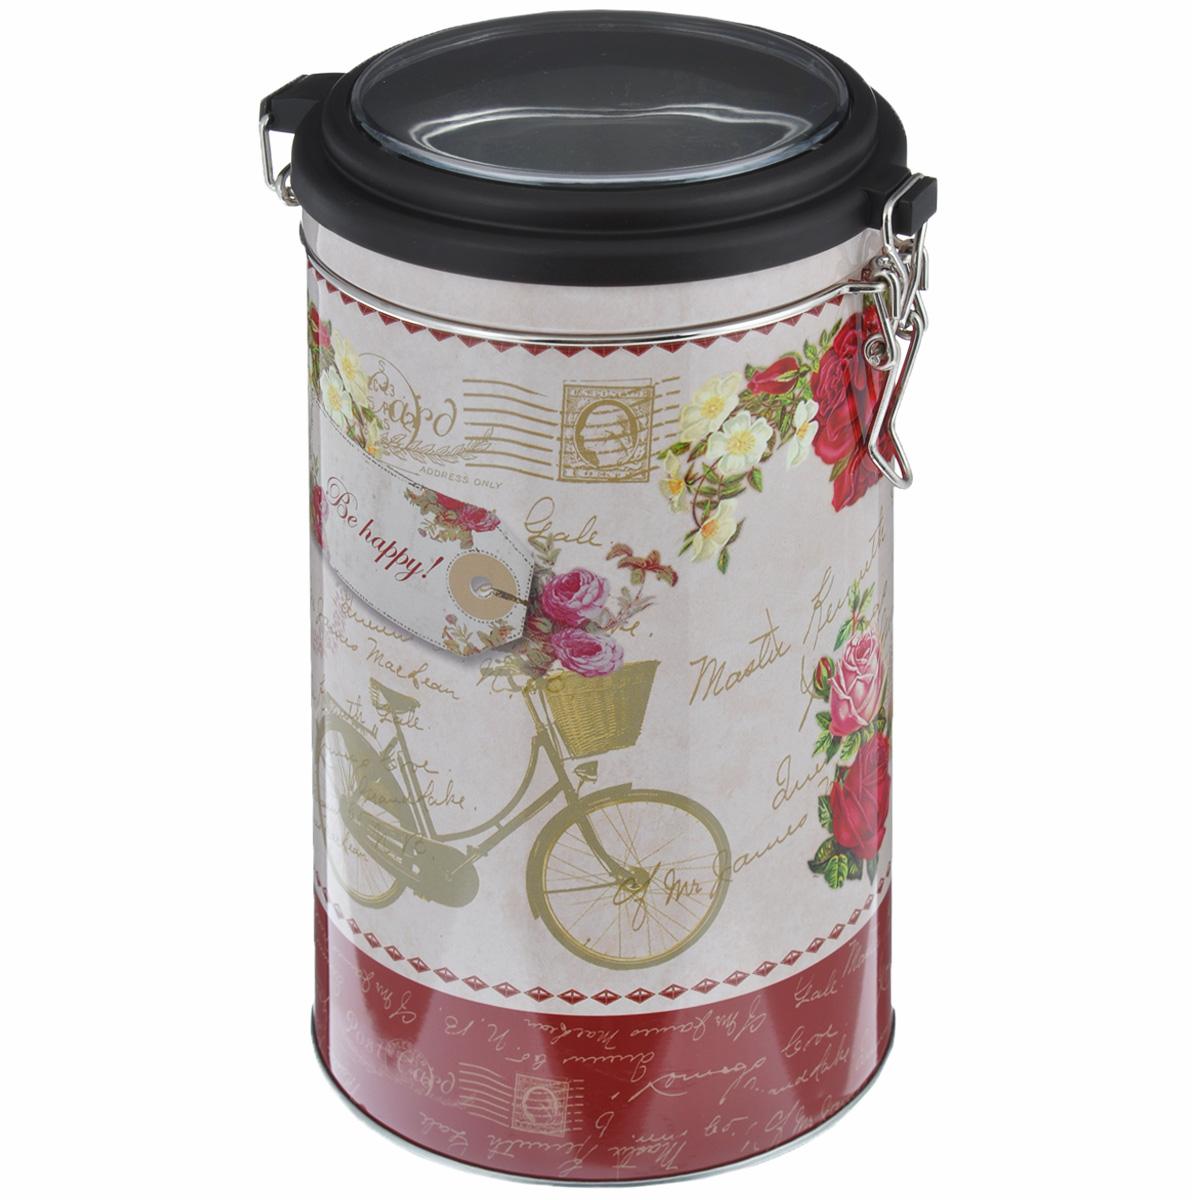 Банка для сыпучих продуктов Феникс-презент Велосипед, 1,8 л37638Банка для сыпучих продуктов Феникс-презент Велосипед, изготовленная из окрашенного черного металла, оформлена ярким рисунком. Банка прекрасно подойдет для хранения различных сыпучих продуктов: специй, чая, кофе, сахара, круп и многого другого. Емкость плотно закрывается прозрачной пластиковой крышкой на металлический замок. Благодаря этому она будет дольше сохранять свежесть ваших продуктов. Функциональная и вместительная, такая банка станет незаменимым аксессуаром на любой кухне. Нельзя мыть в посудомоечной машине. Объем банки: 1,8 л. Высота банки (без учета крышки): 17,4 см. Диаметр банки (по верхнему краю): 10,5 см.